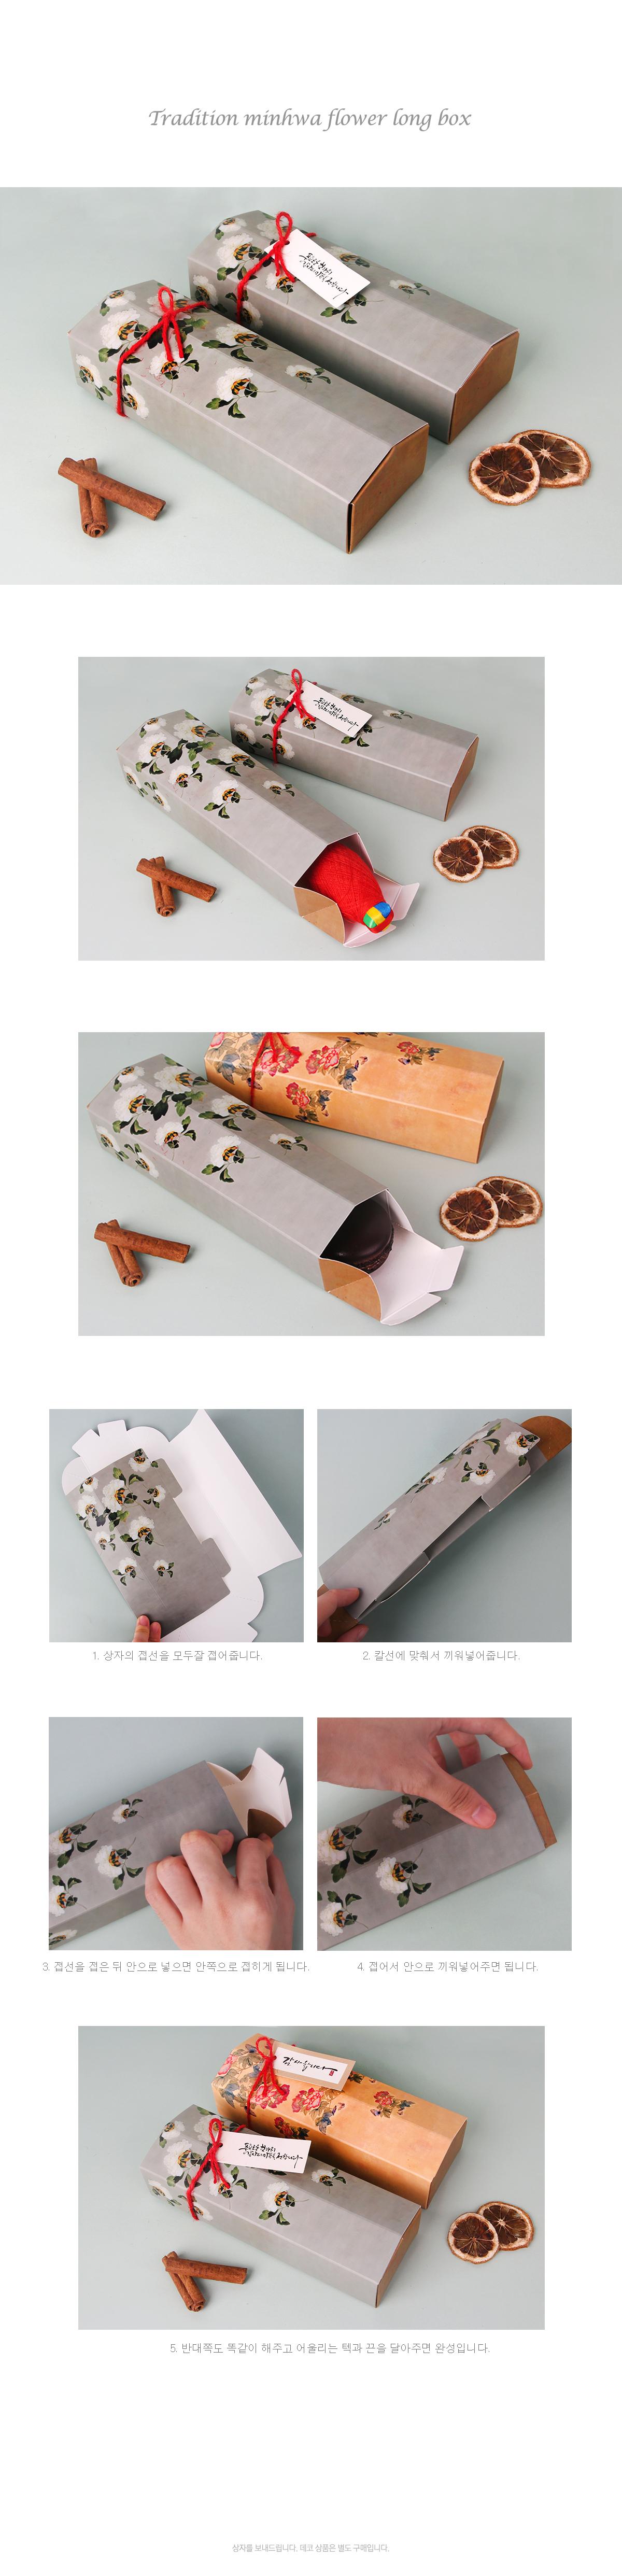 전통민화 흰꽃 기다란 상자 (2개) - 인디고샵, 1,600원, 상자/케이스, 심플